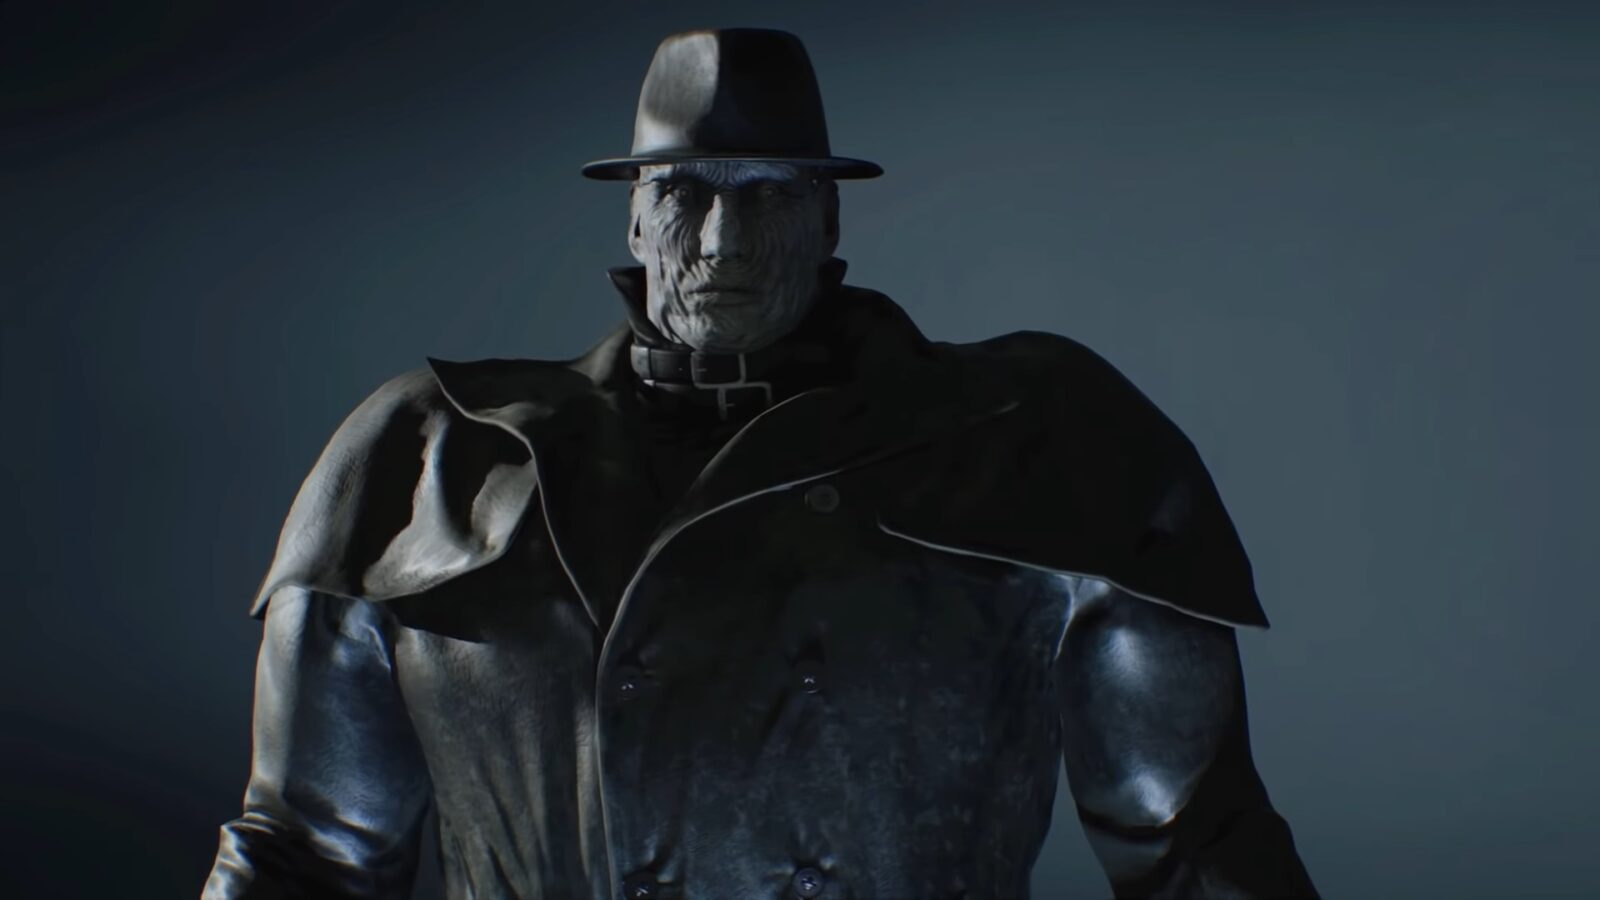 Mr. X Resident Evil 2 Remake